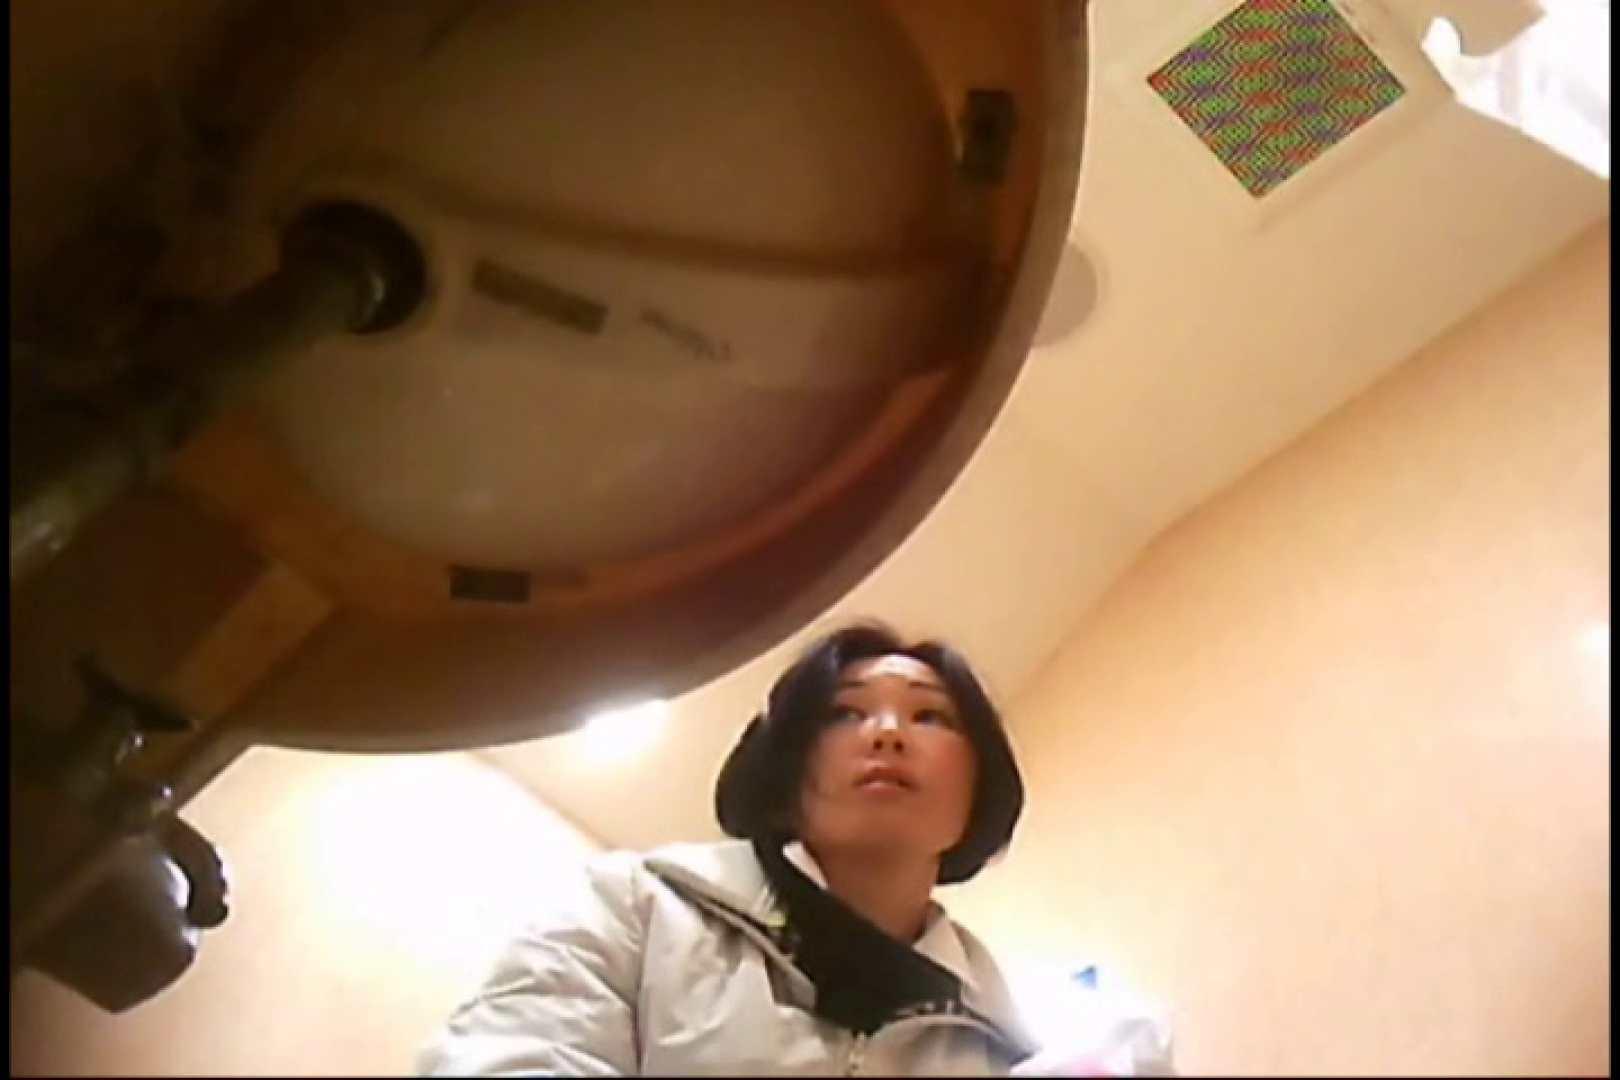 画質向上!新亀さん厠 vol.02 モロだしオマンコ おまんこ無修正動画無料 99pic 10